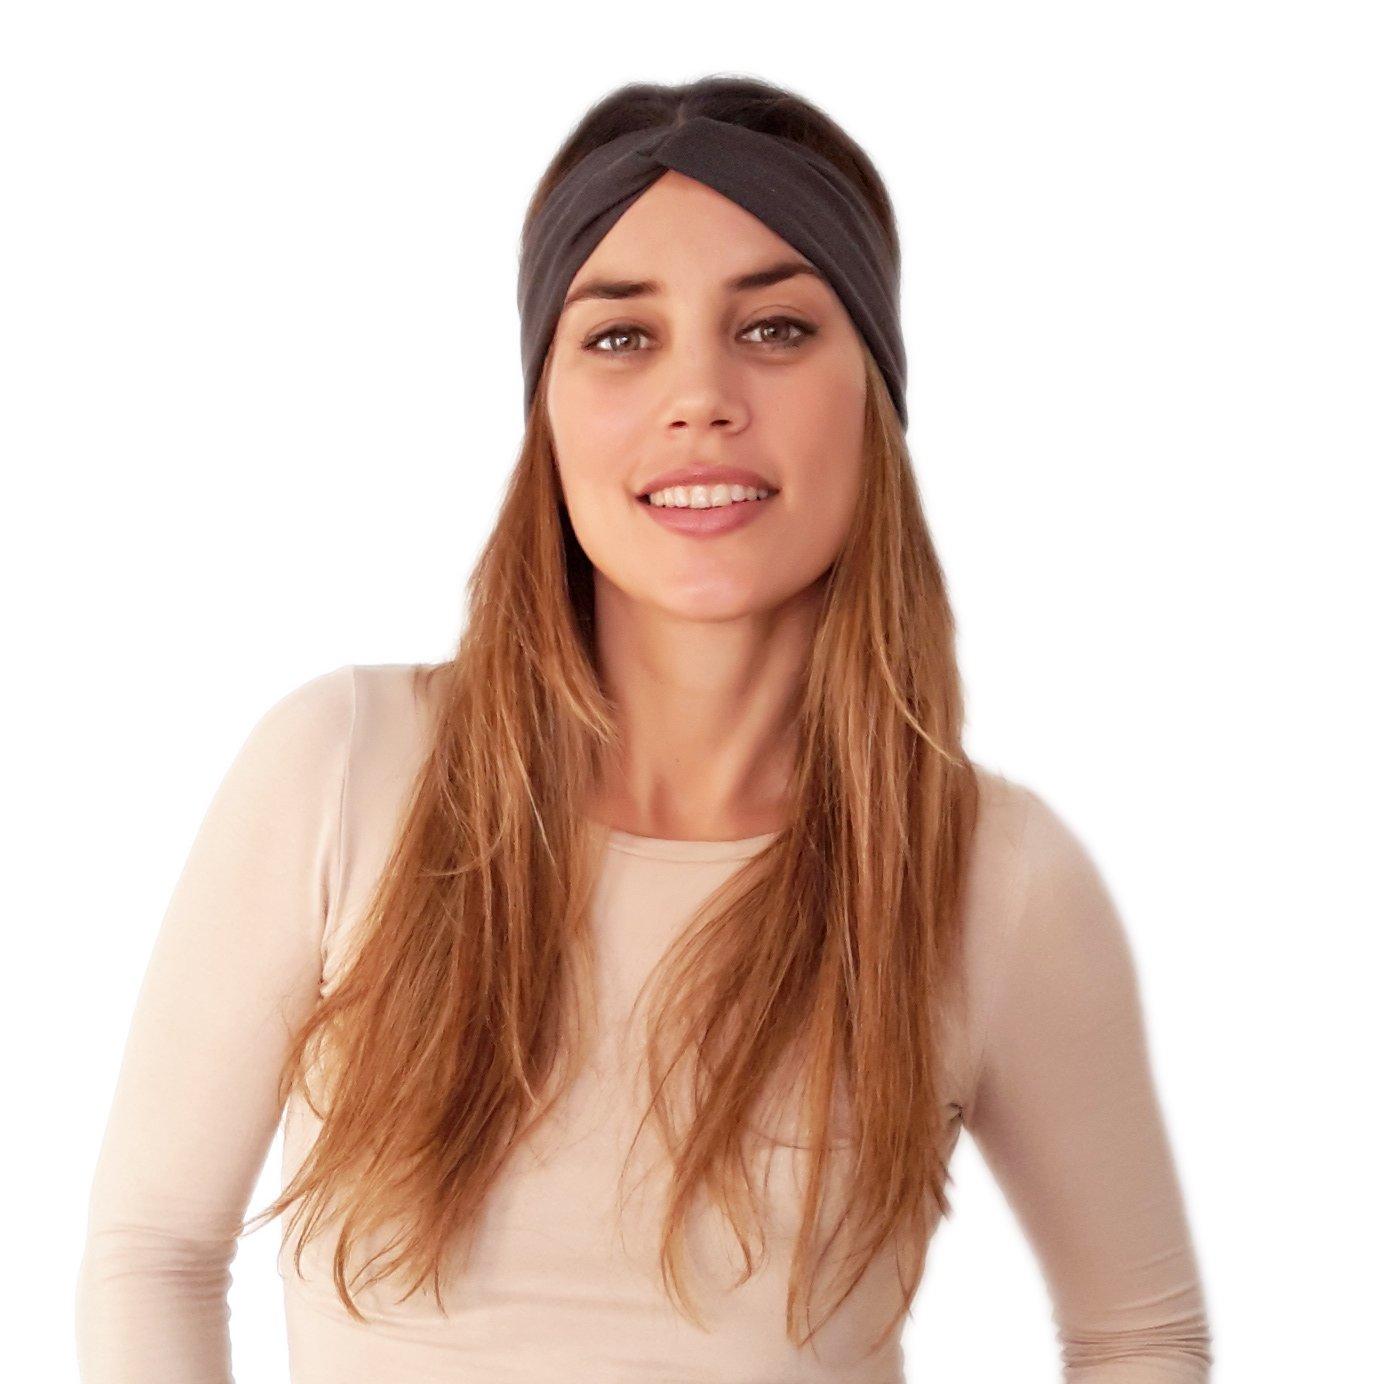 BRANDELIA Elastisches Damen Haar Stirnband Yoga Haarband Freizeit Mode Accessoire Handgefertigt in Spanien Sport Kopfband mehrere Farben